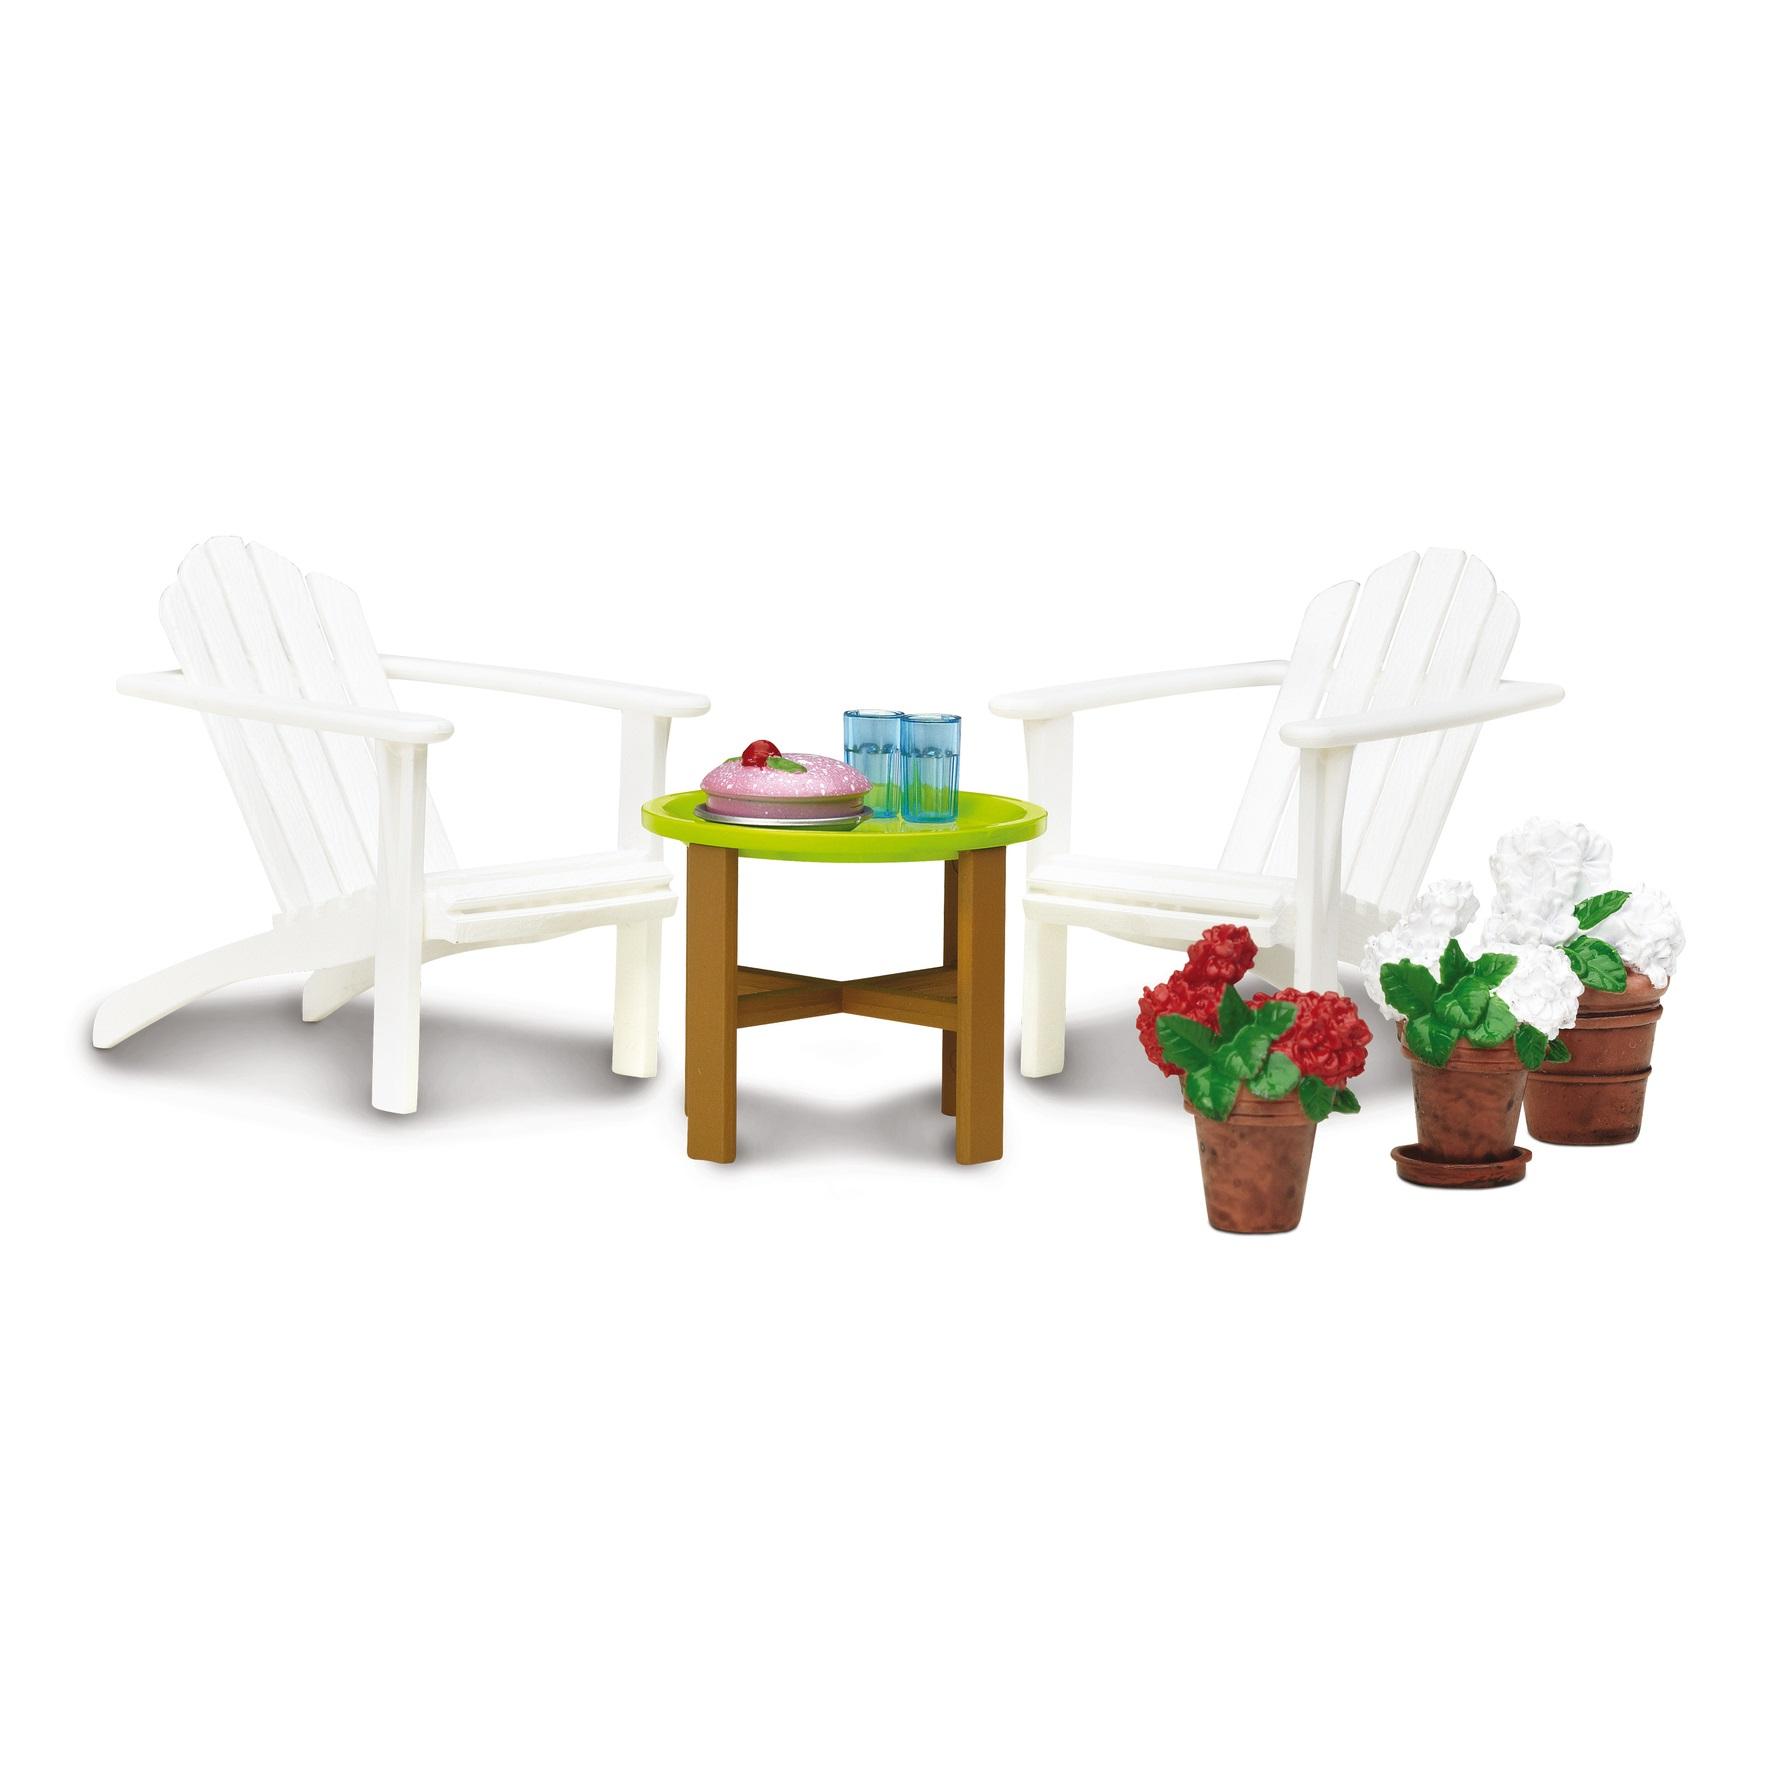 Мебель для домика из серии Смоланд - Садовый комплект фото